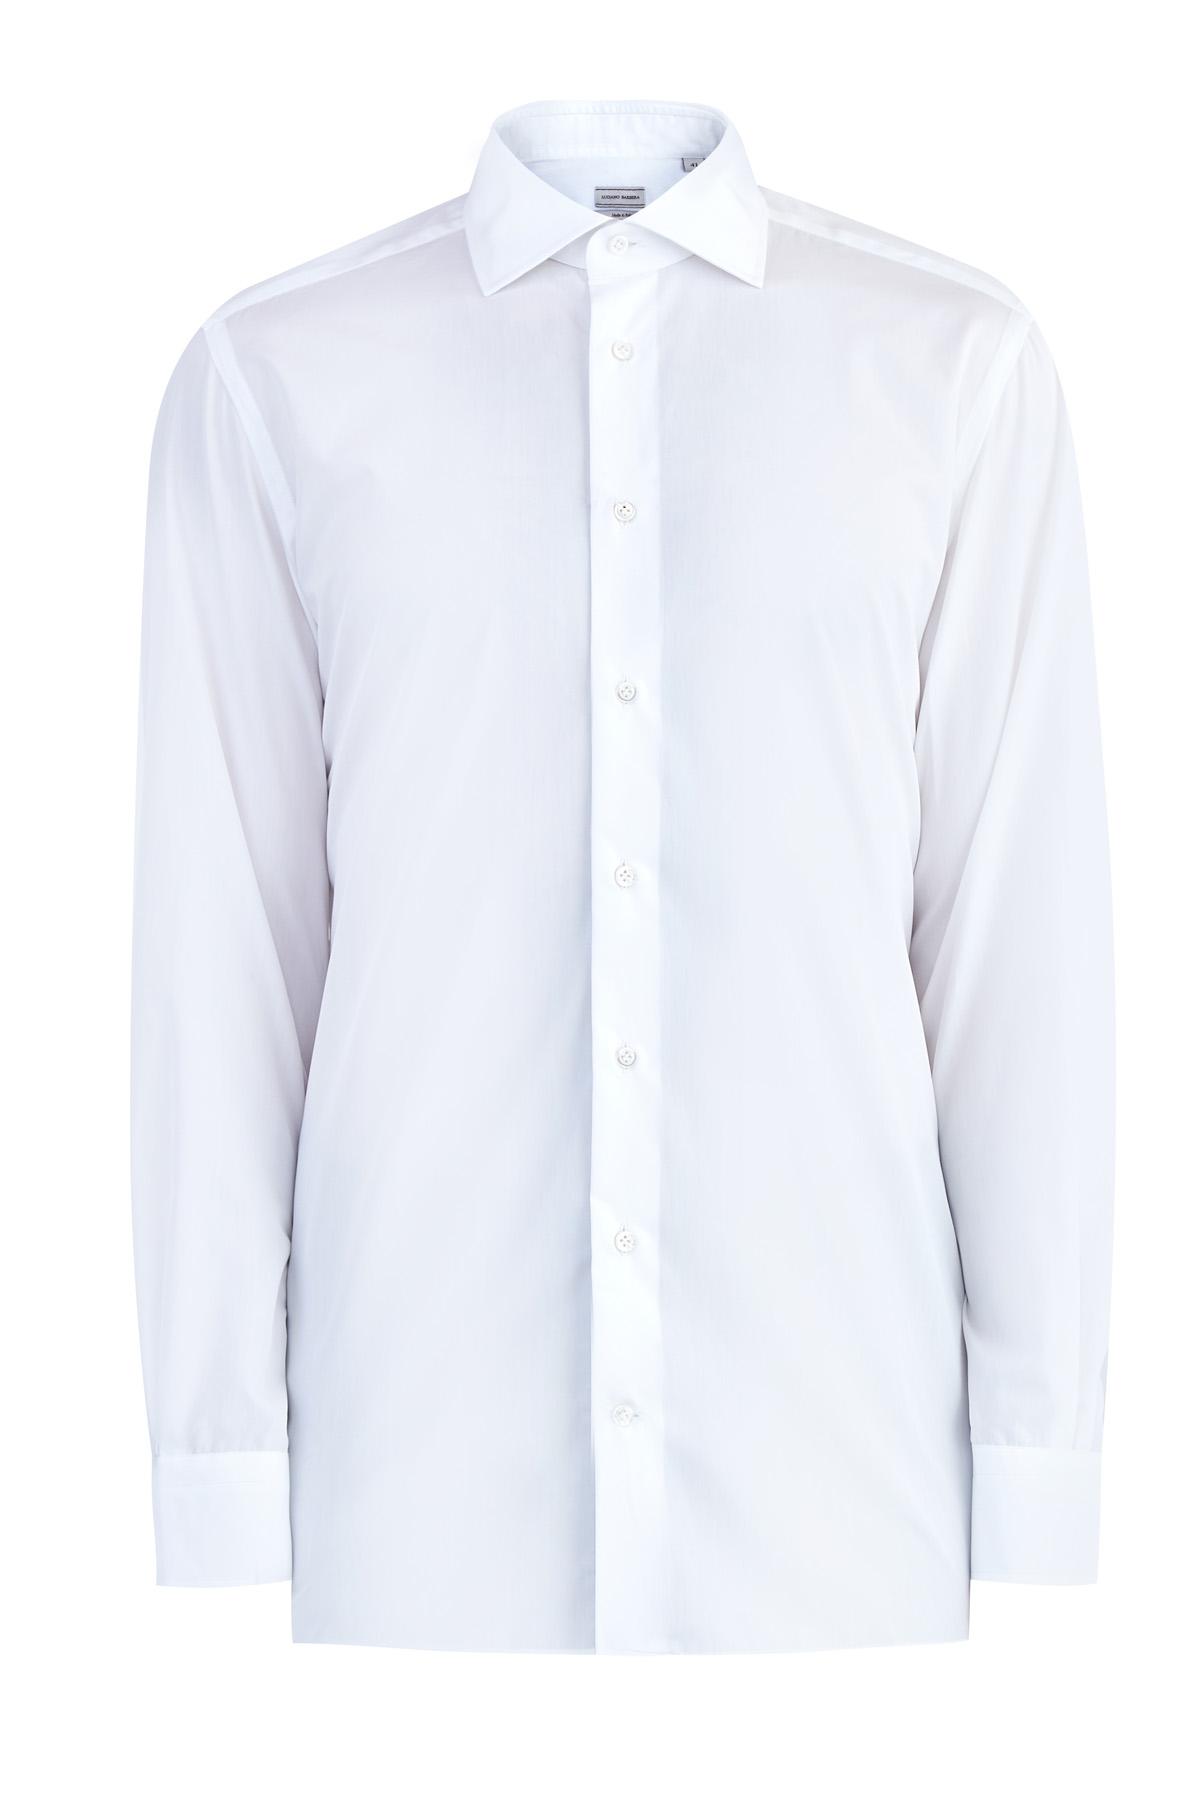 Белая рубашка из хлопкового поплина фото